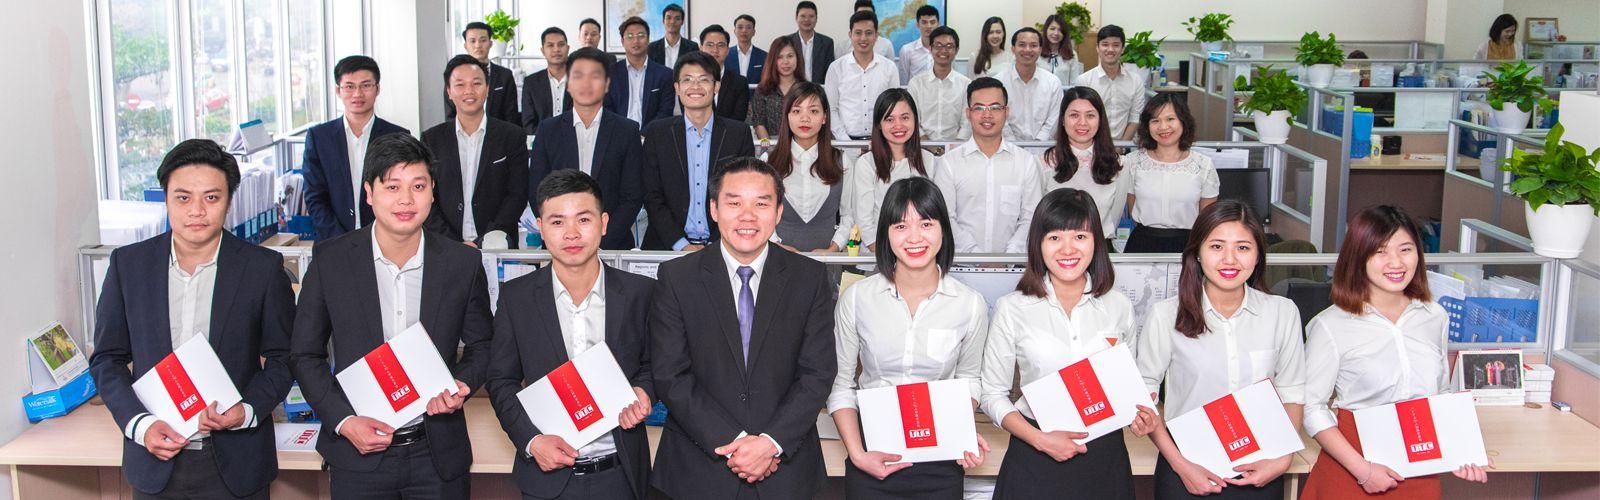 Đội ngũ cán bộ tư vấn xuất khẩu lao động Nhật Bản công ty TTC  Việt Nam